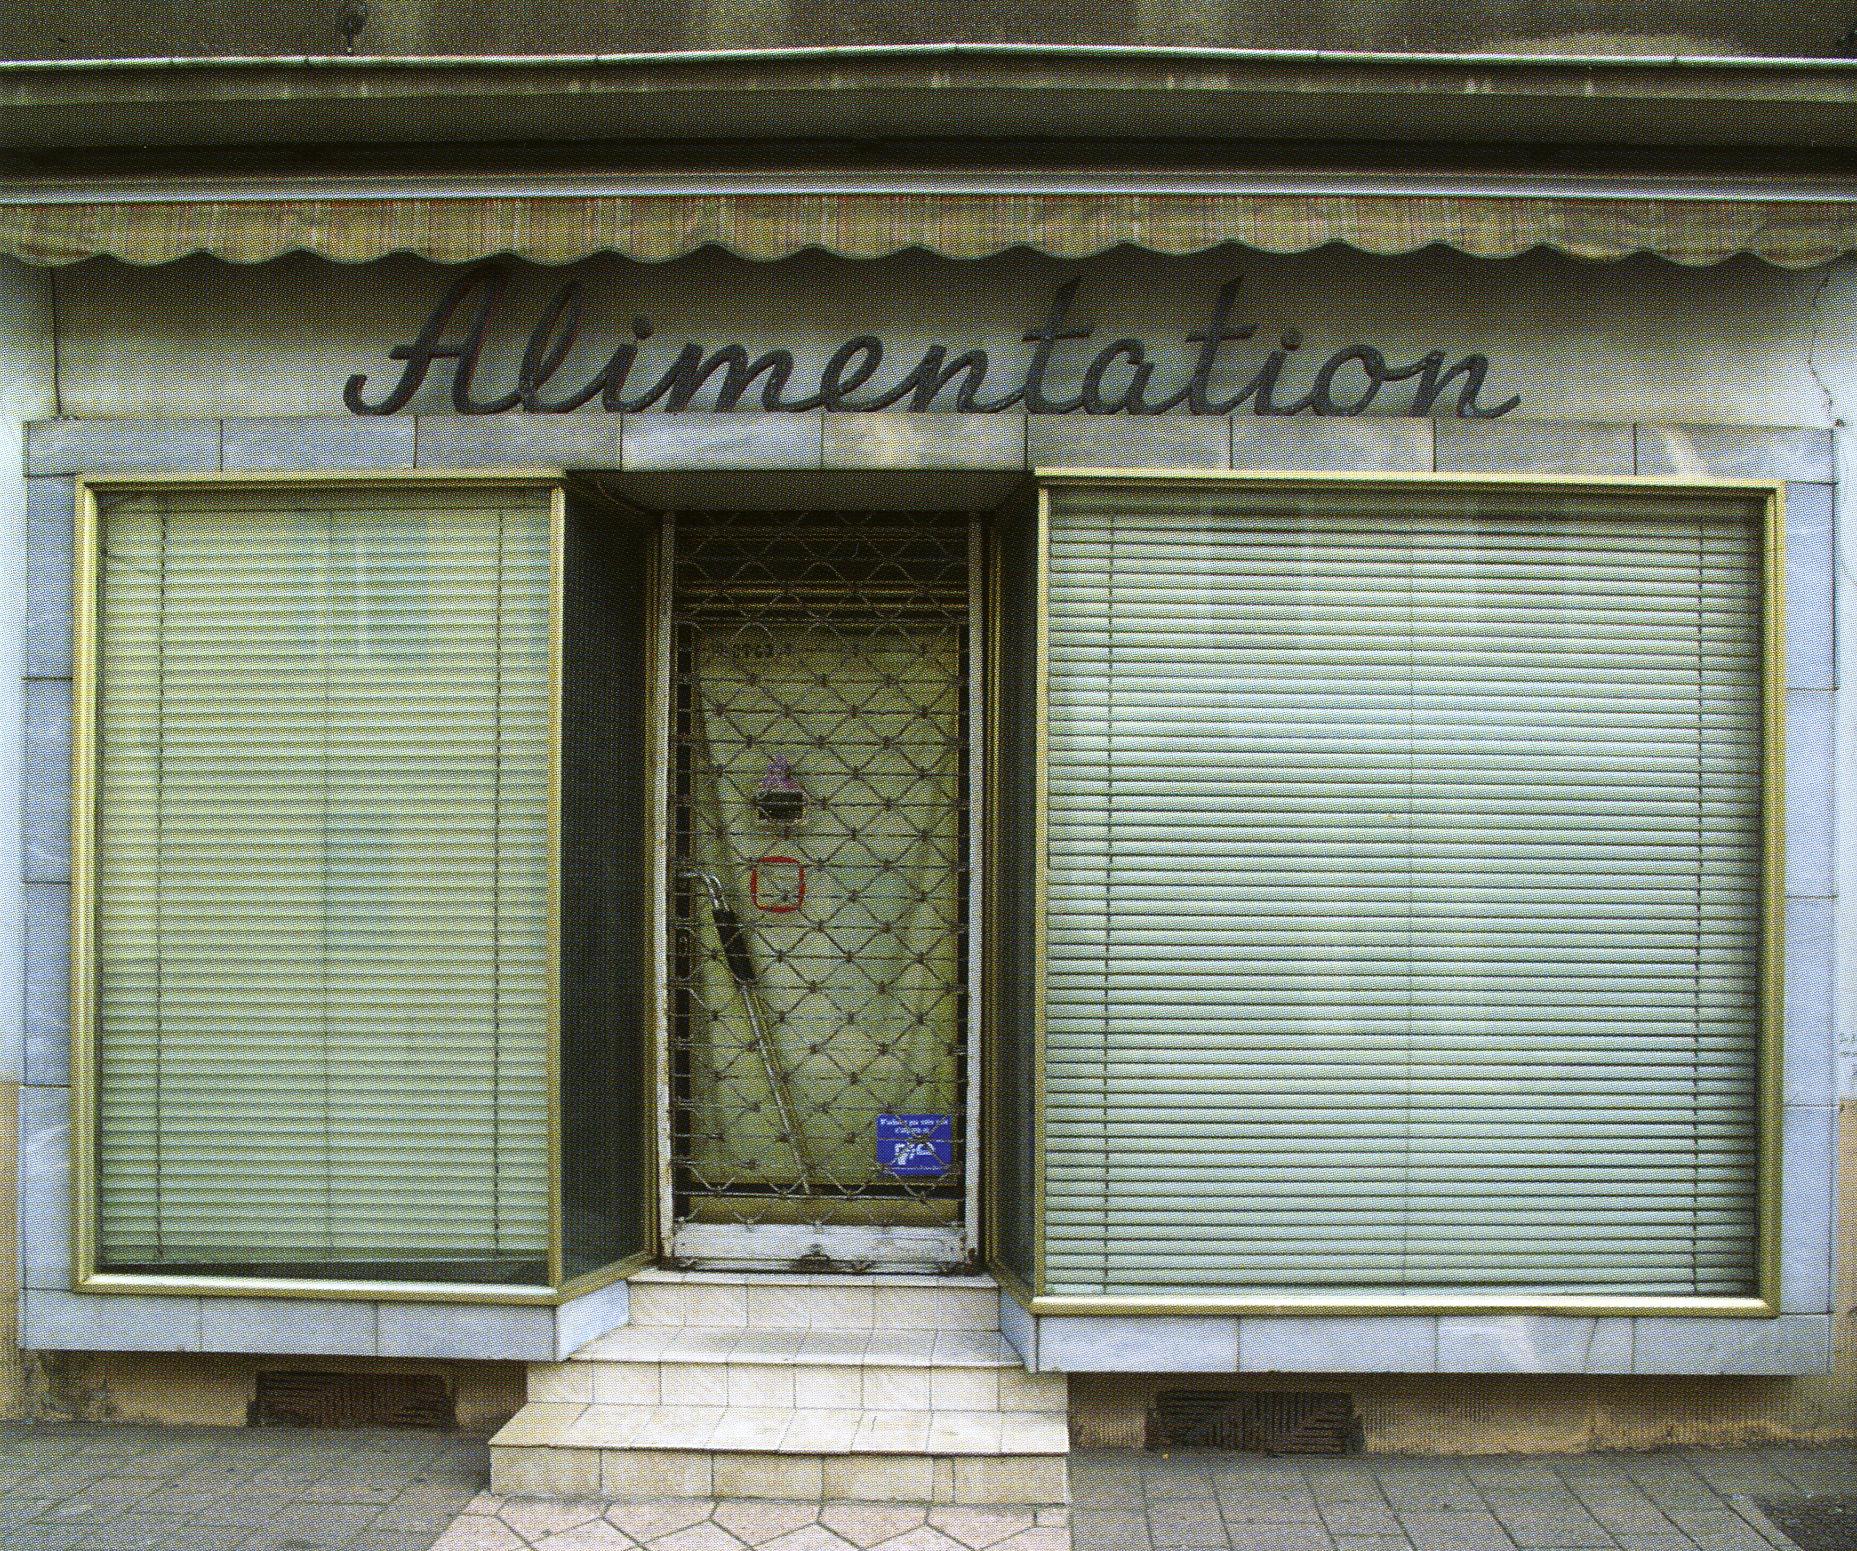 ortlieb_rue maréchal-foch, algrange_p26